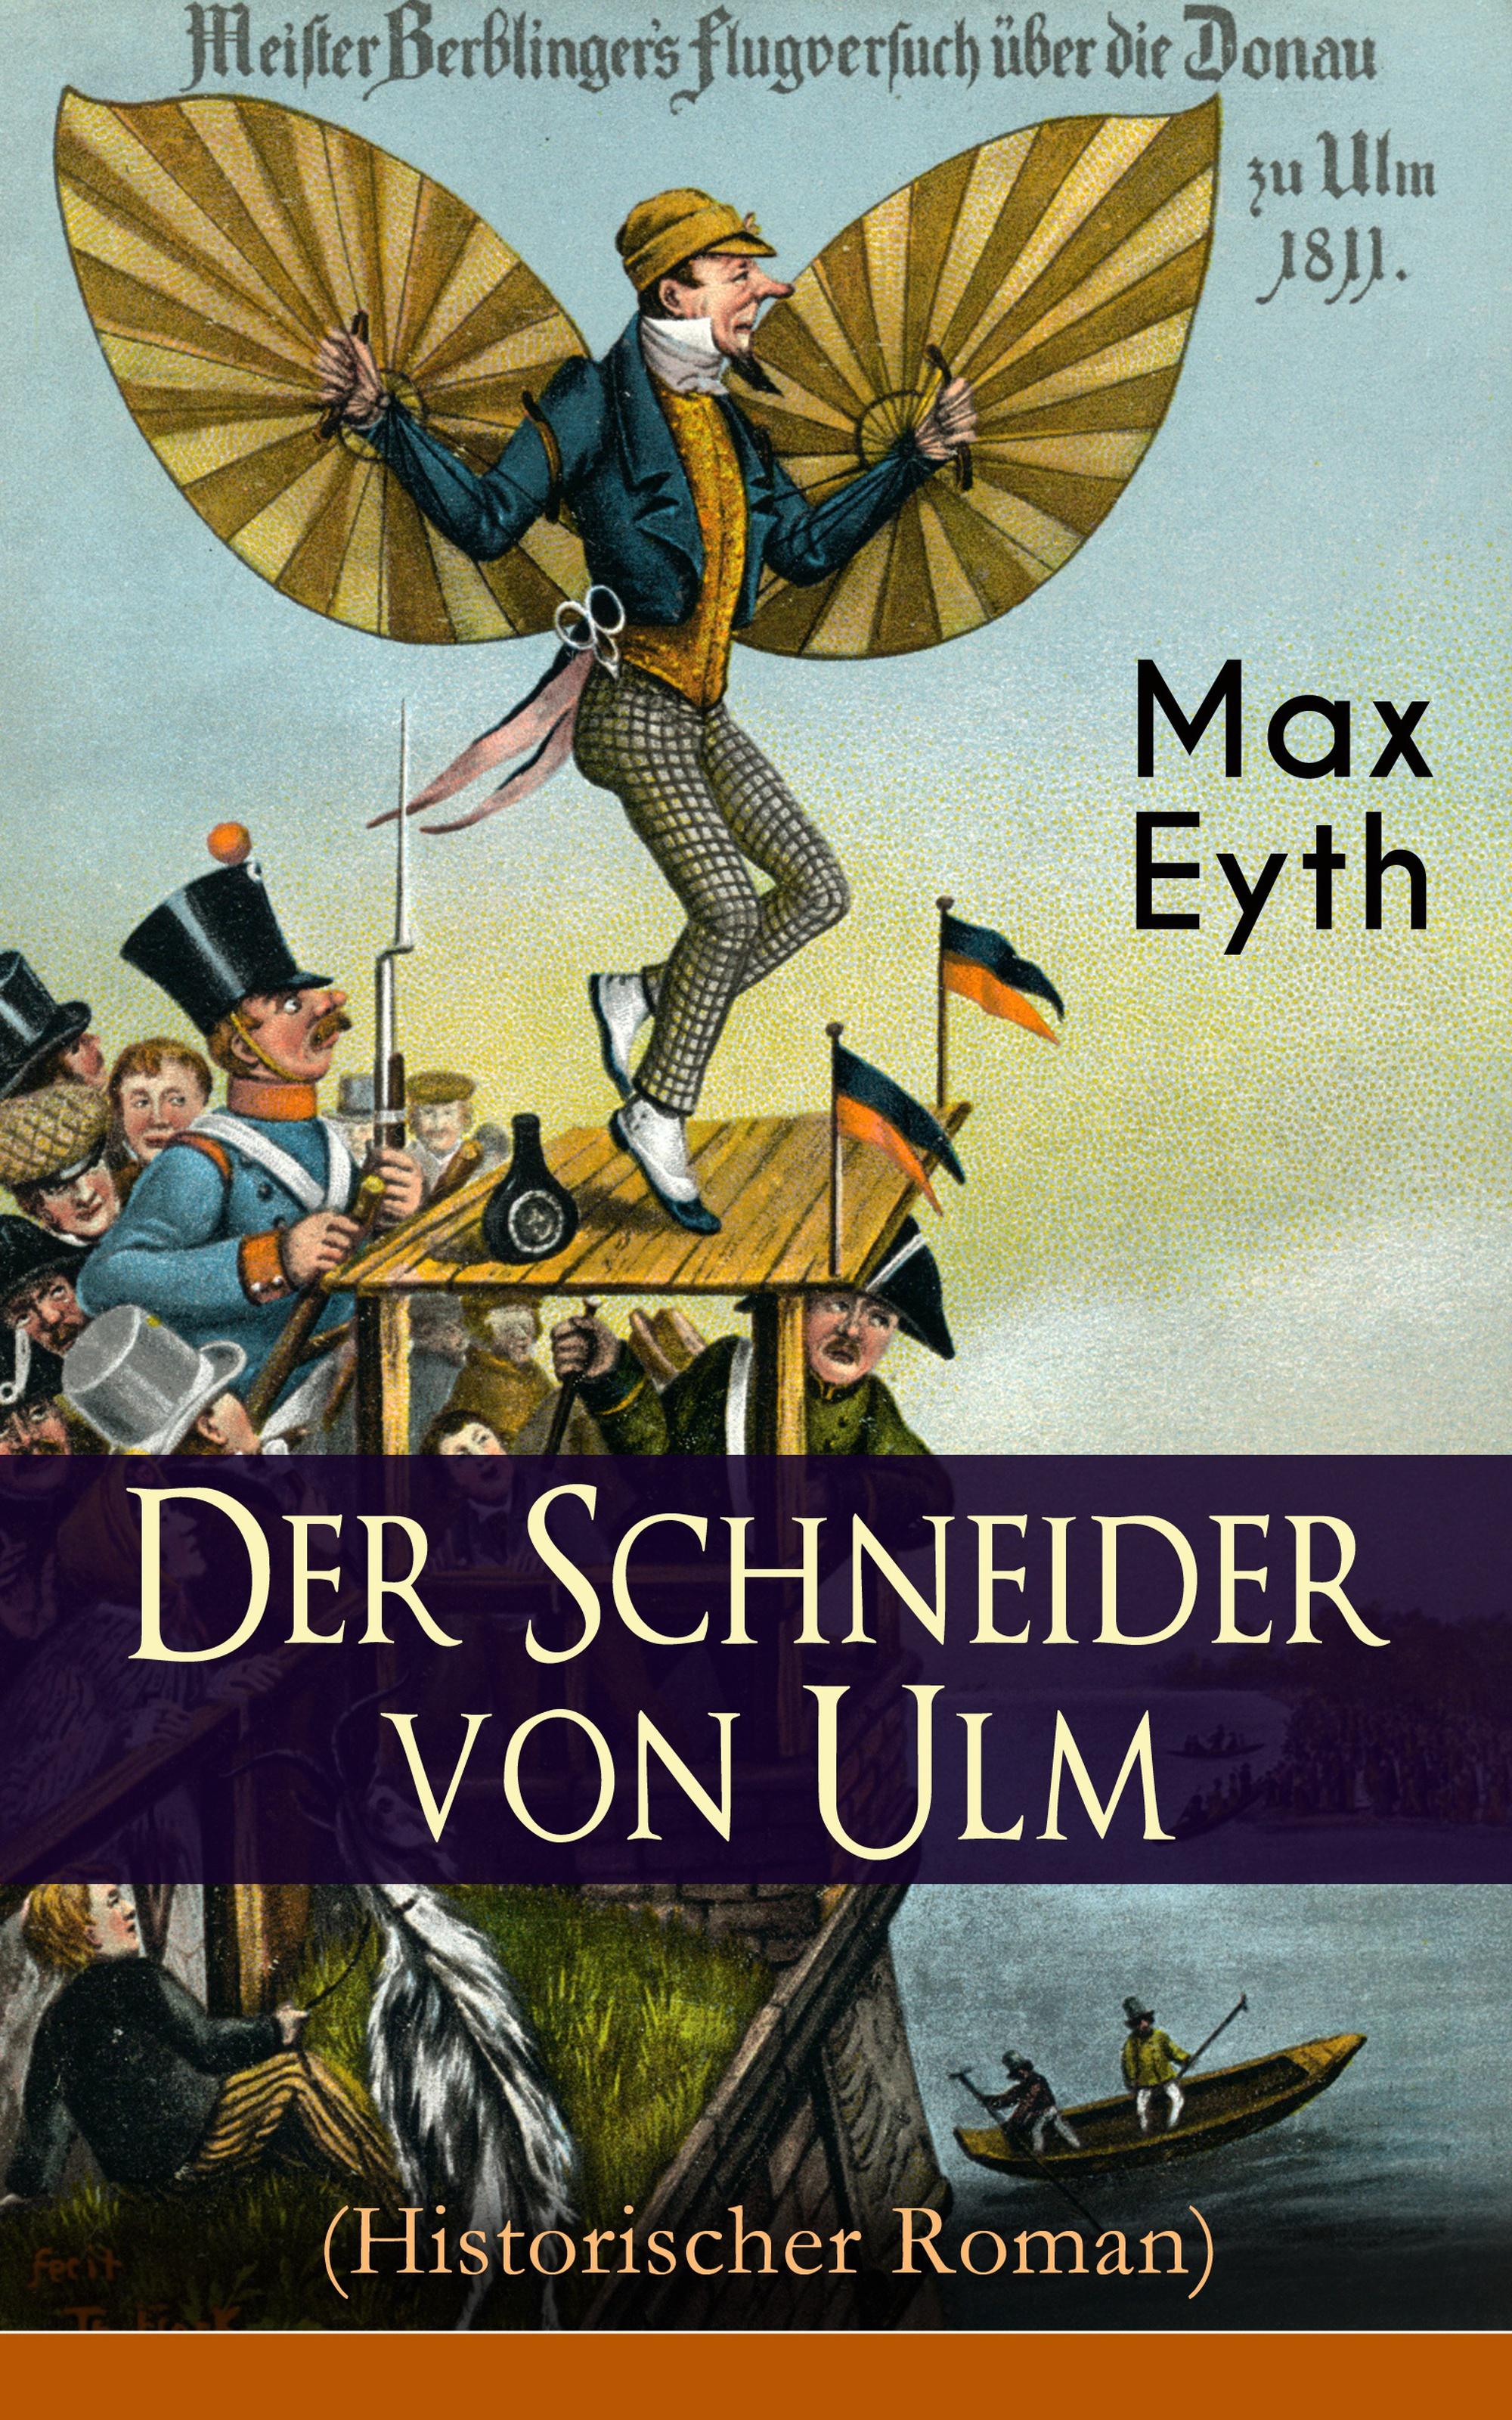 Max Eyth Der Schneider von Ulm (Historischer Roman) rebecca myga der deutsche regionalkrimi der roman vogelwild von richard auer